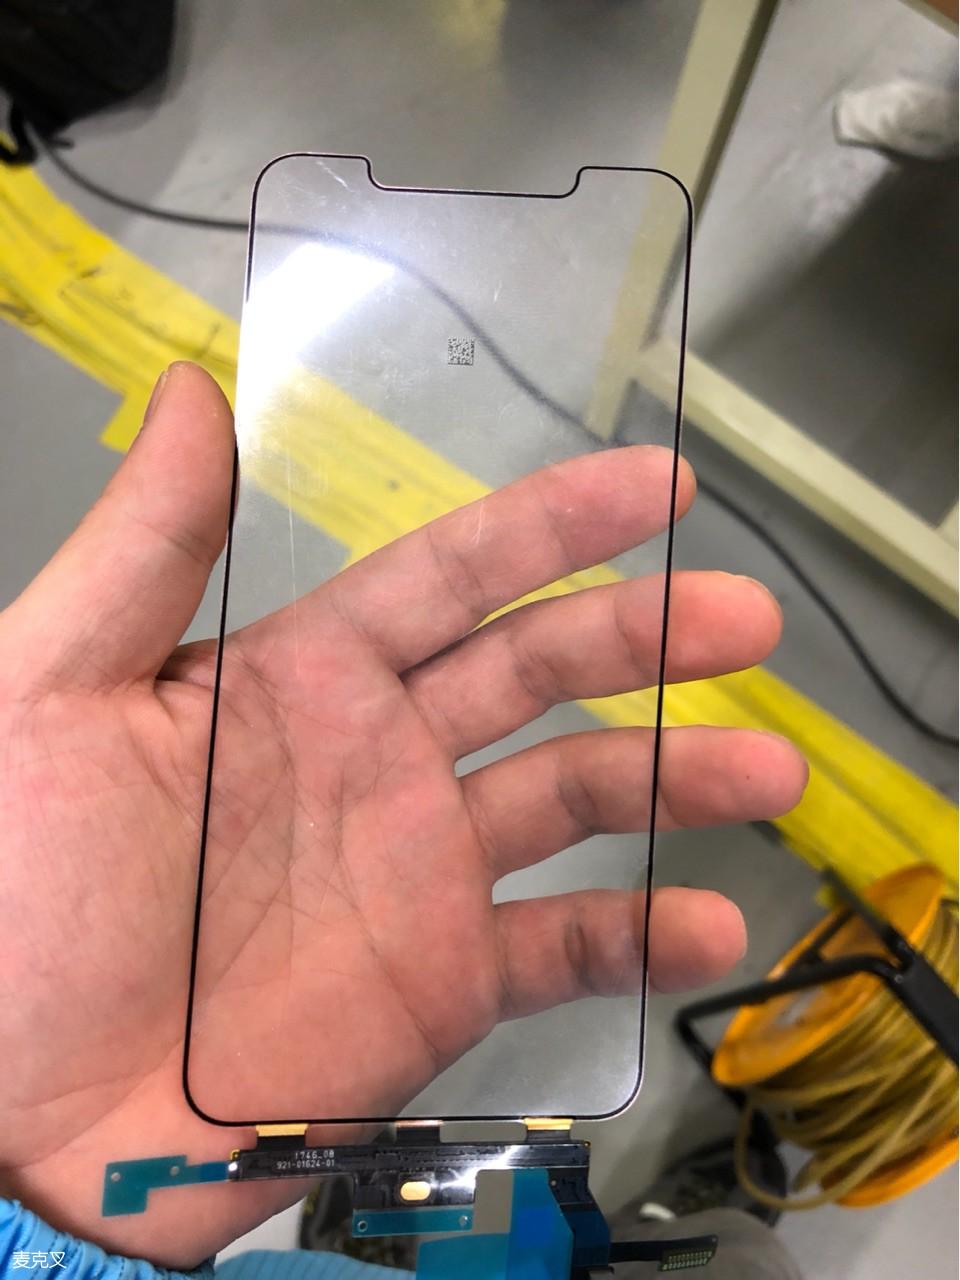 Blir den for stor for deg, eller savner du Plus-størrelsen ved bruk av X?